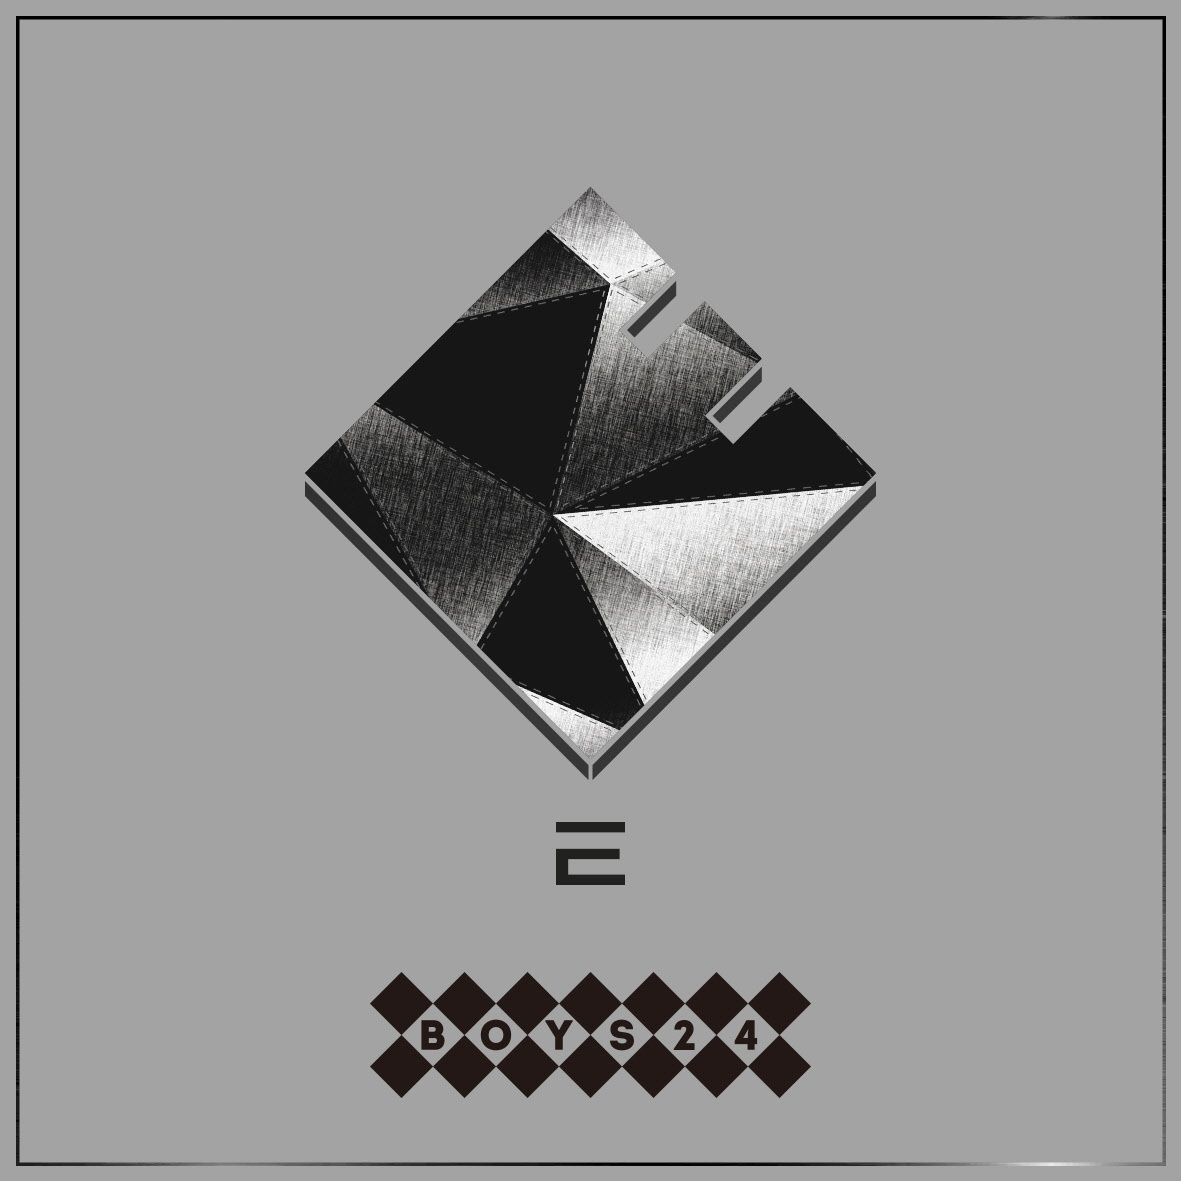 E (BOYS24)